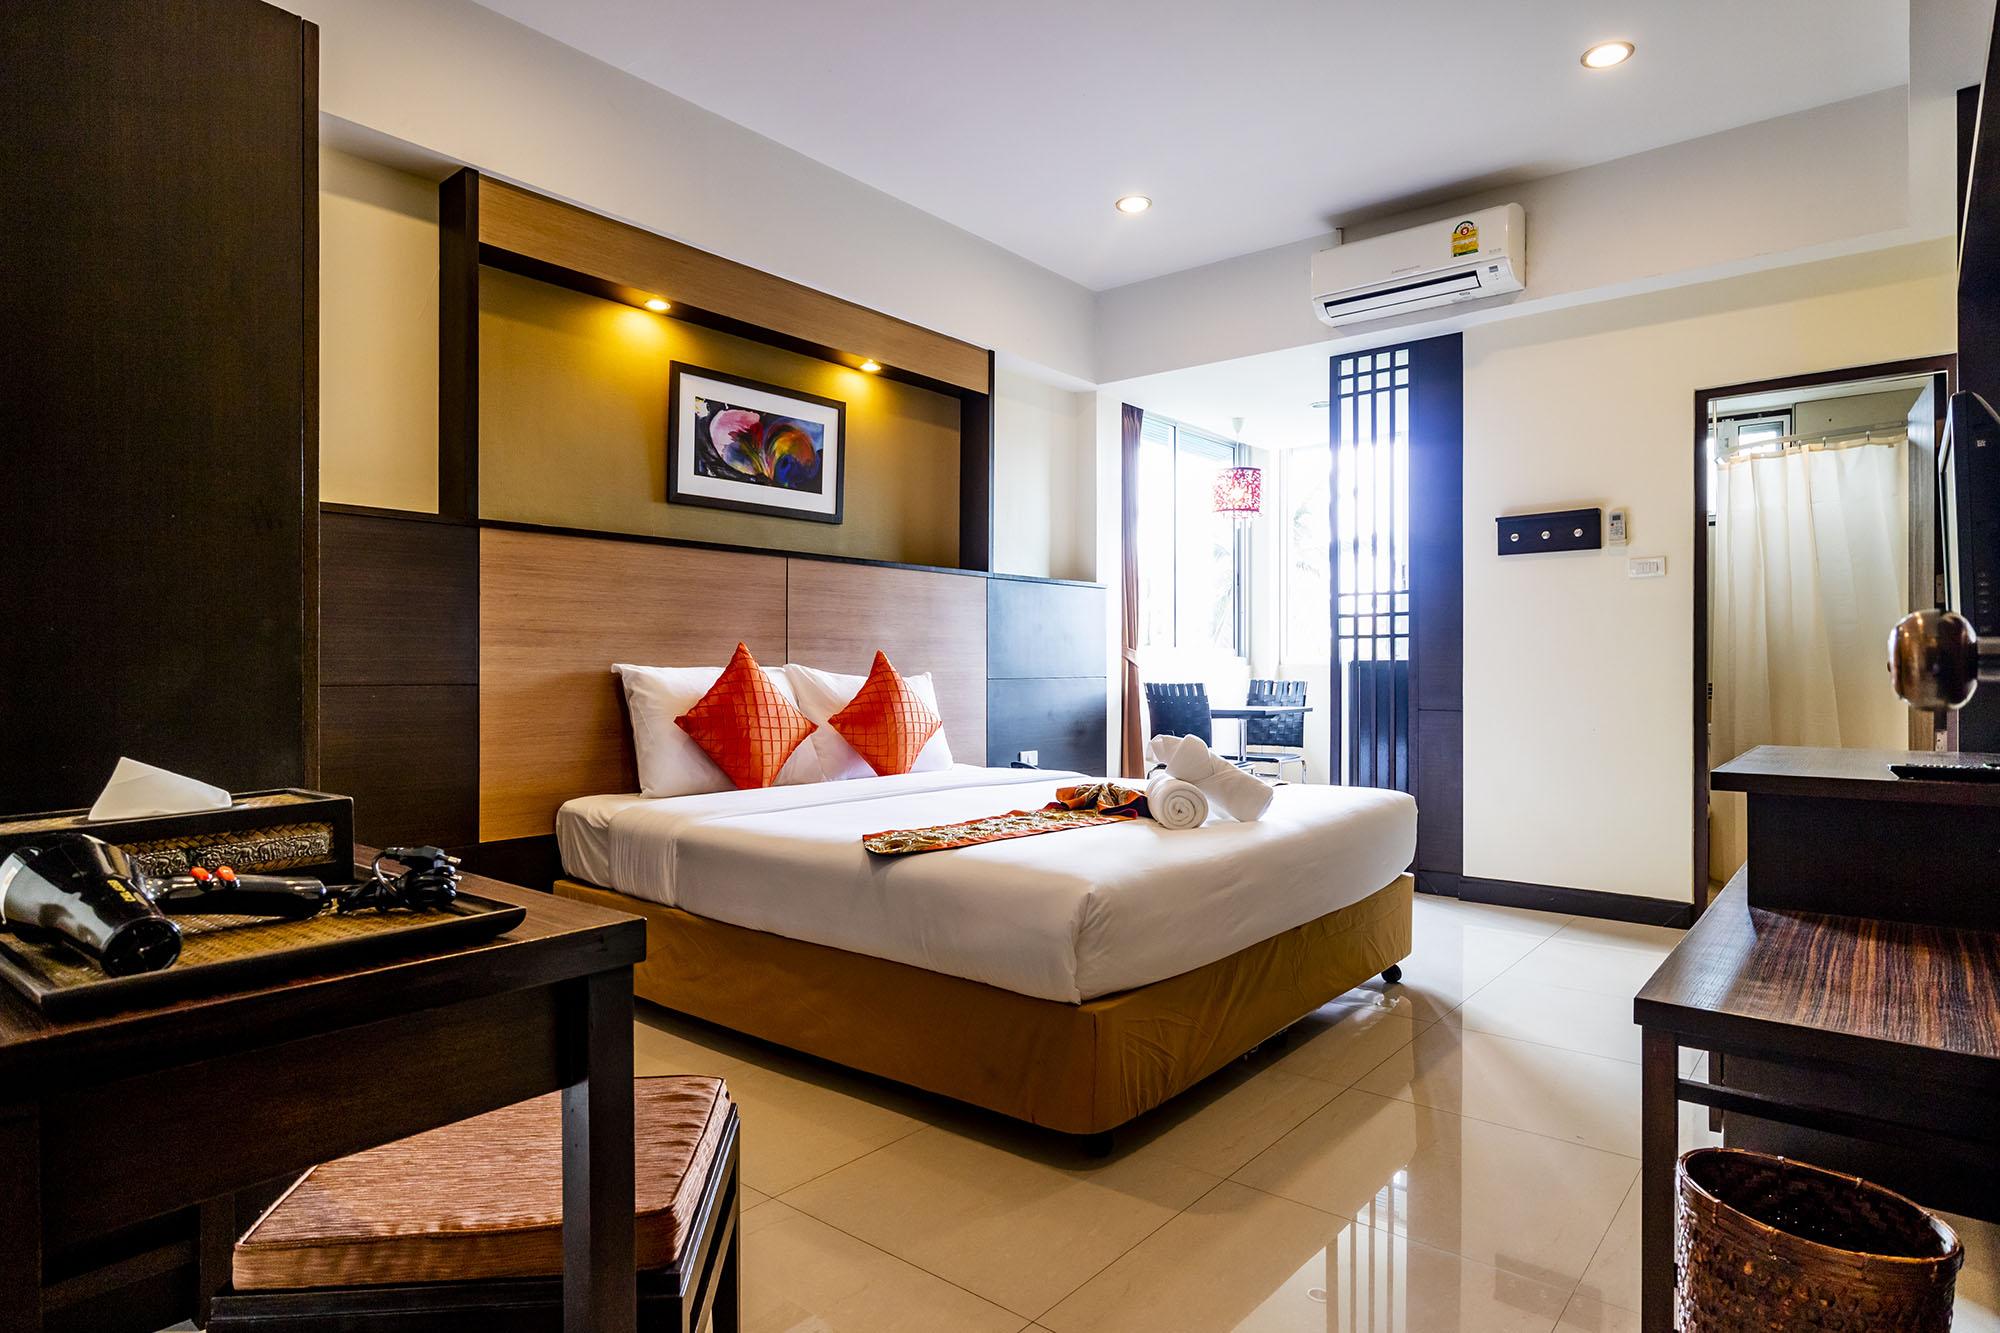 โรงแรมสกุลชัย เพลส โรงแรมฮาลาล เชียงใหม่  โรงแรมสกุลชัย เพลส เชียงใหม่ ห้องพักสะอาด ราคาหลักร้อย IMG 3645